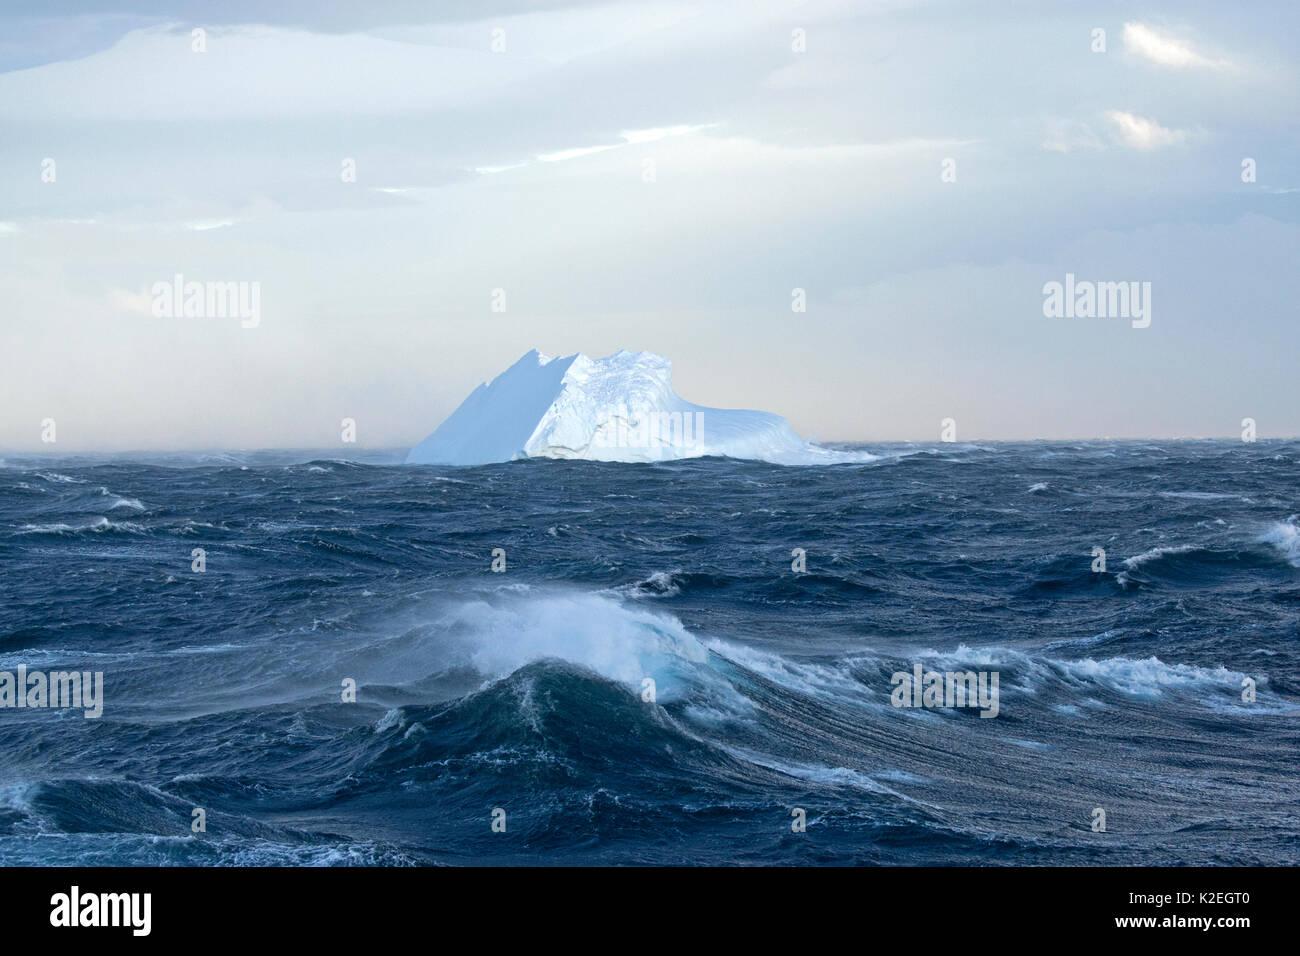 Iceberg en mares agitados, el estrecho de Bransfield, en la Península Antártica, en la Antártida. De diciembre de 2015. Foto de stock